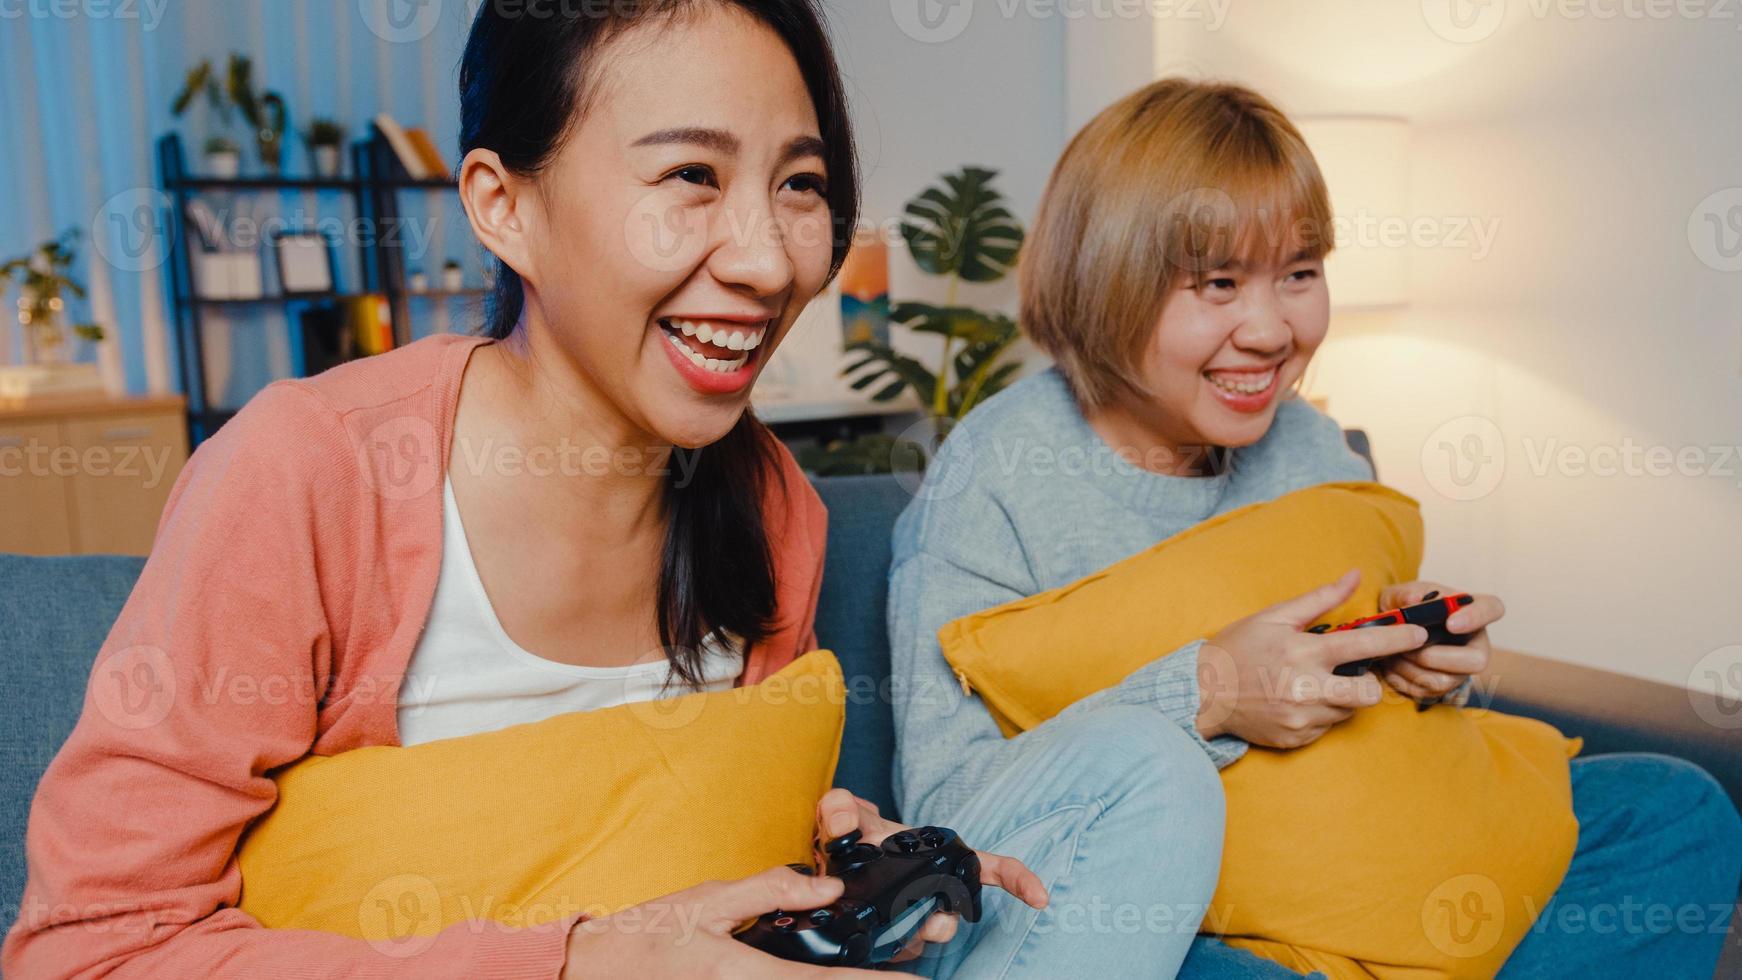 lesbisk lgbtq kvinnor par spela videospel hemma. ung asiatisk dam med trådlös handkontroll som har roligt lyckligt ögonblick på soffan i vardagsrummet på natten. de har en fantastisk och rolig tid firar semester. foto